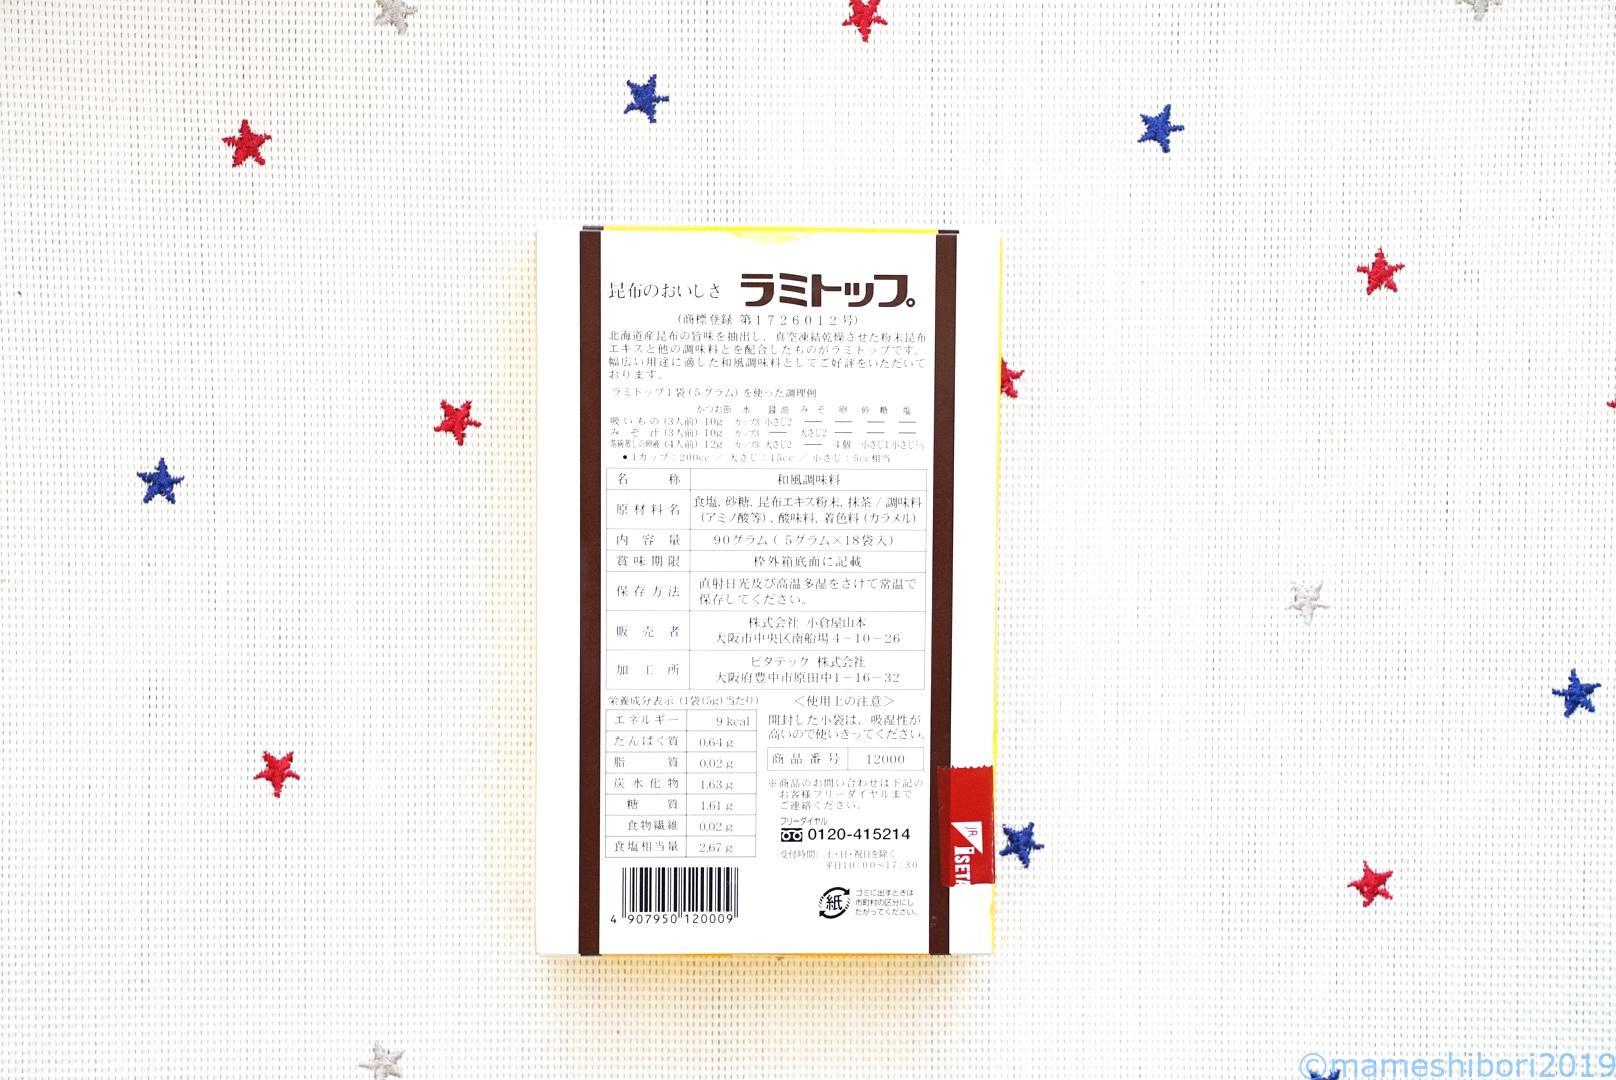 BD8A178C-7772-4121-BB2A-10C3E8BF7442